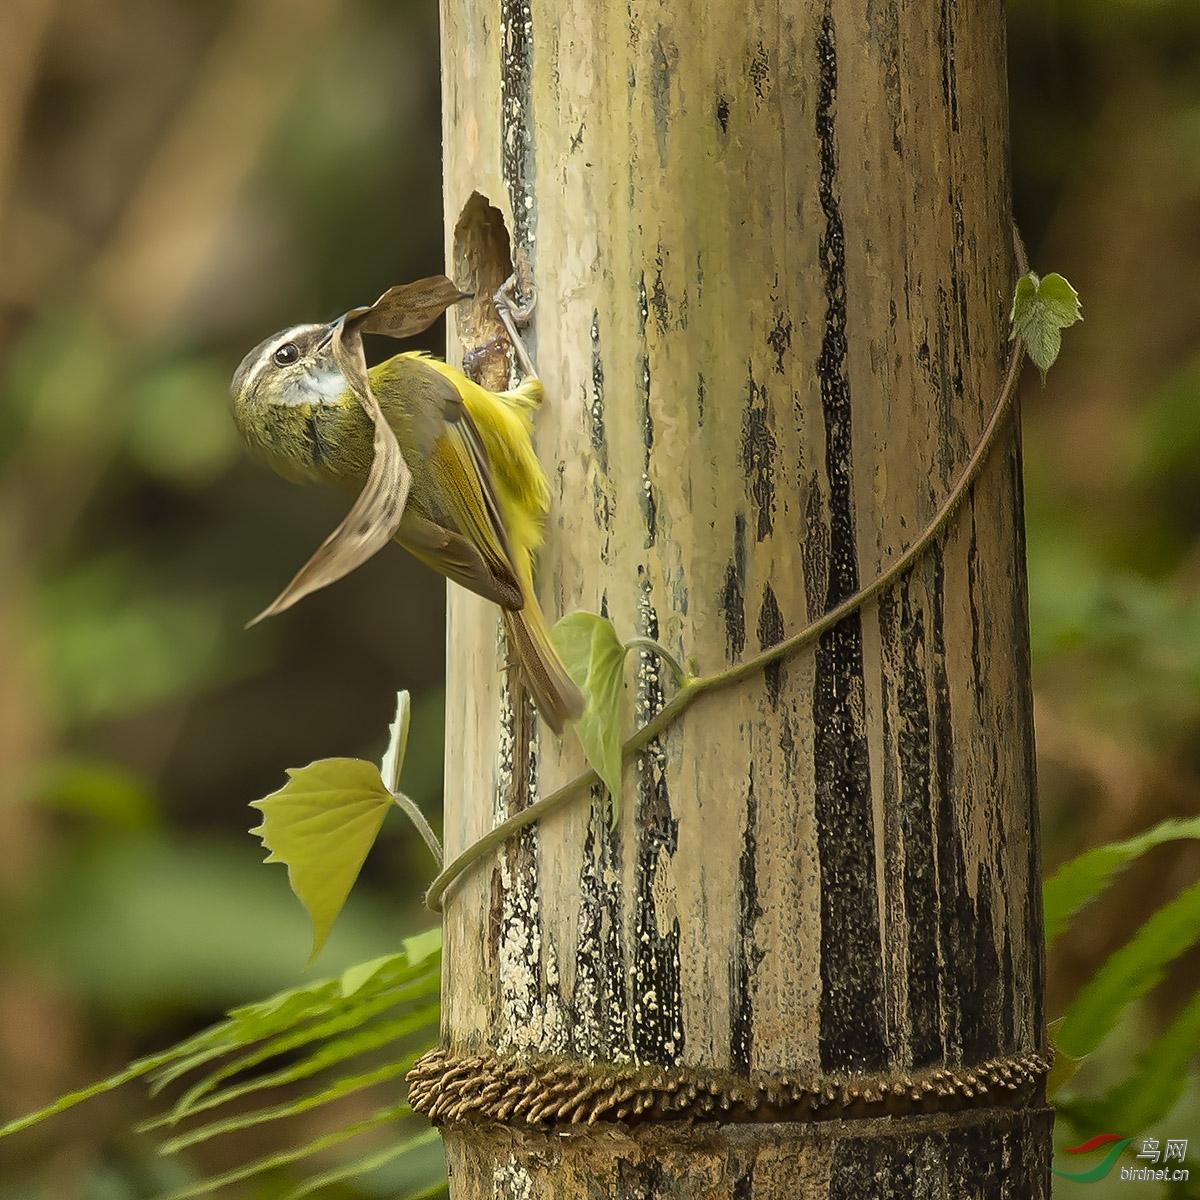 图四、图五:被撞晕的黄腹鶲莺转了一圈终于找到了洞口,于是它将叼回的叶子塞进树洞,欢欢喜喜的装修这不劳 ...